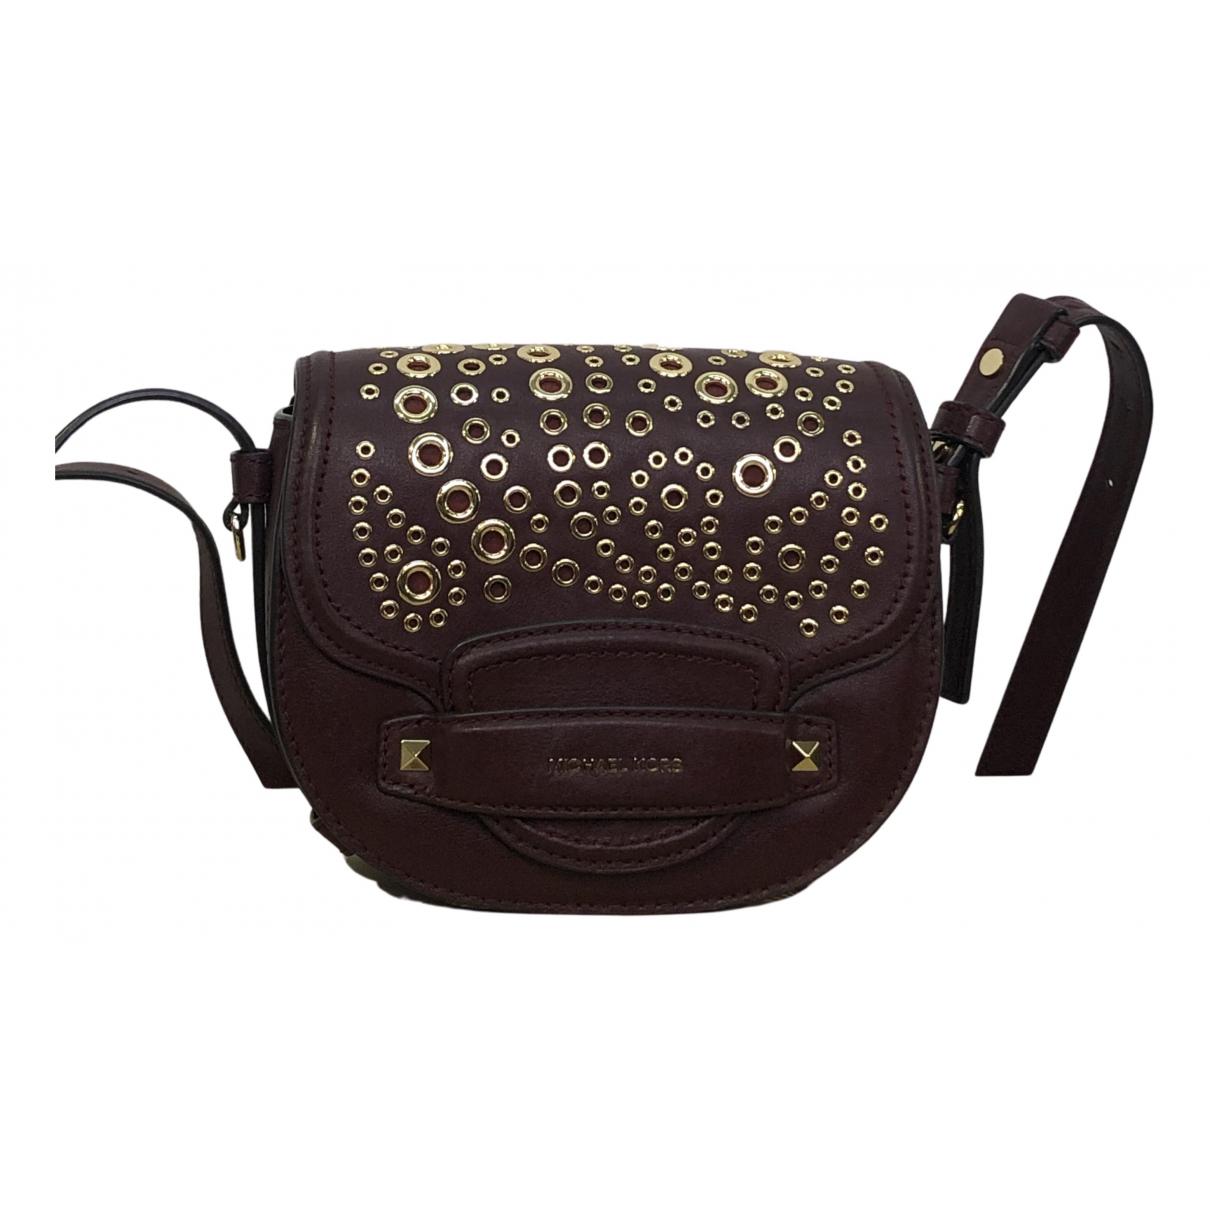 Michael Kors N Burgundy Leather handbag for Women N